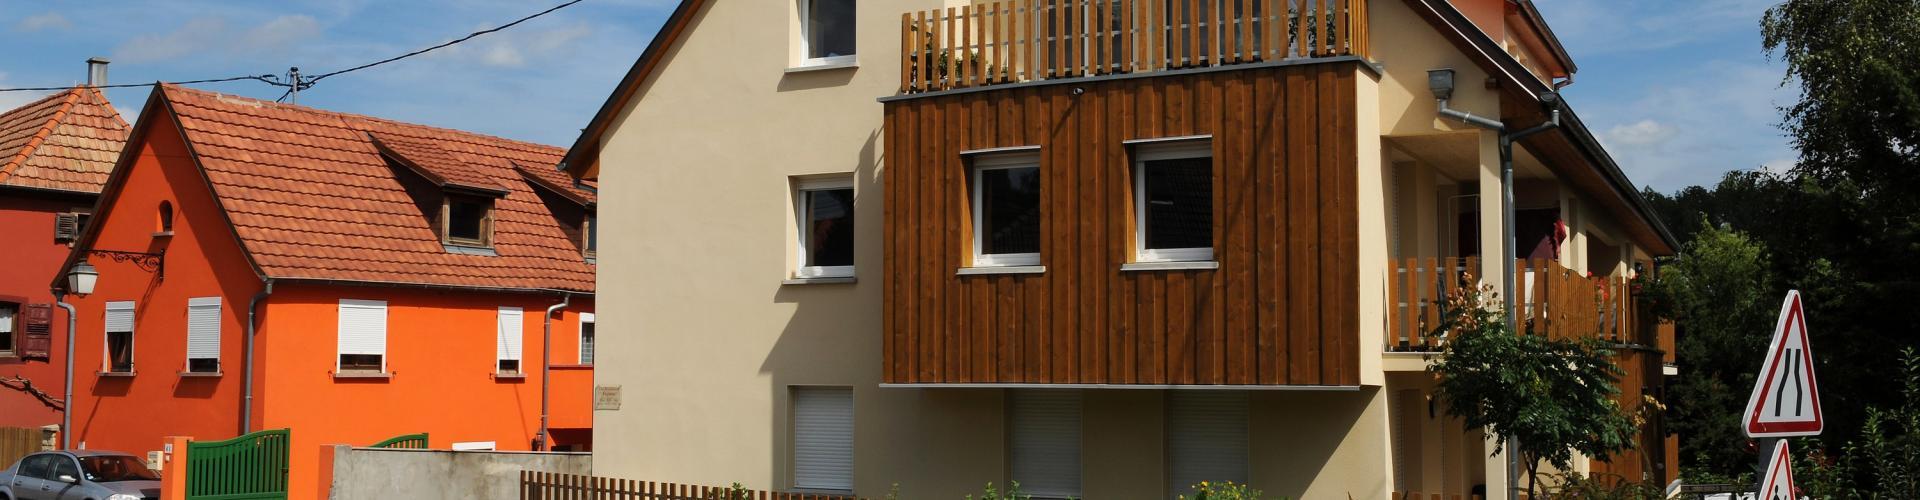 Programme immobilier neuf Les Résidences Ringmann - Eichhoffen